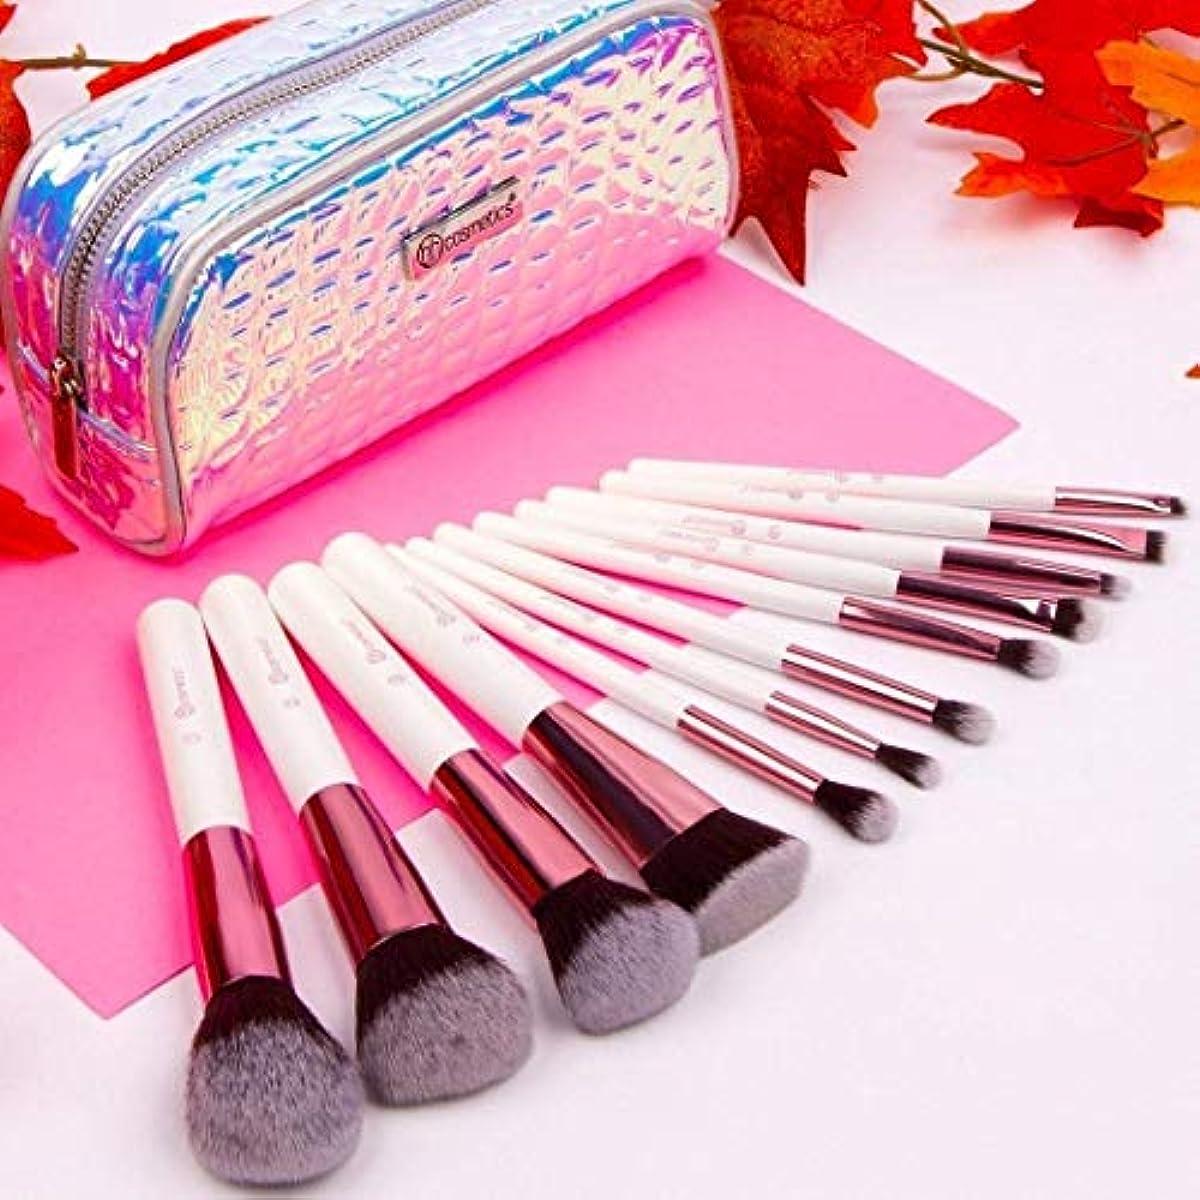 ピンチ気づくなるベイビーBH cosmetics メイクブラシ アイシャドウブラシ 化粧筆 12本セット コスメブラシ 多機能メイクブラシケース付き収納便利 (12本セット)